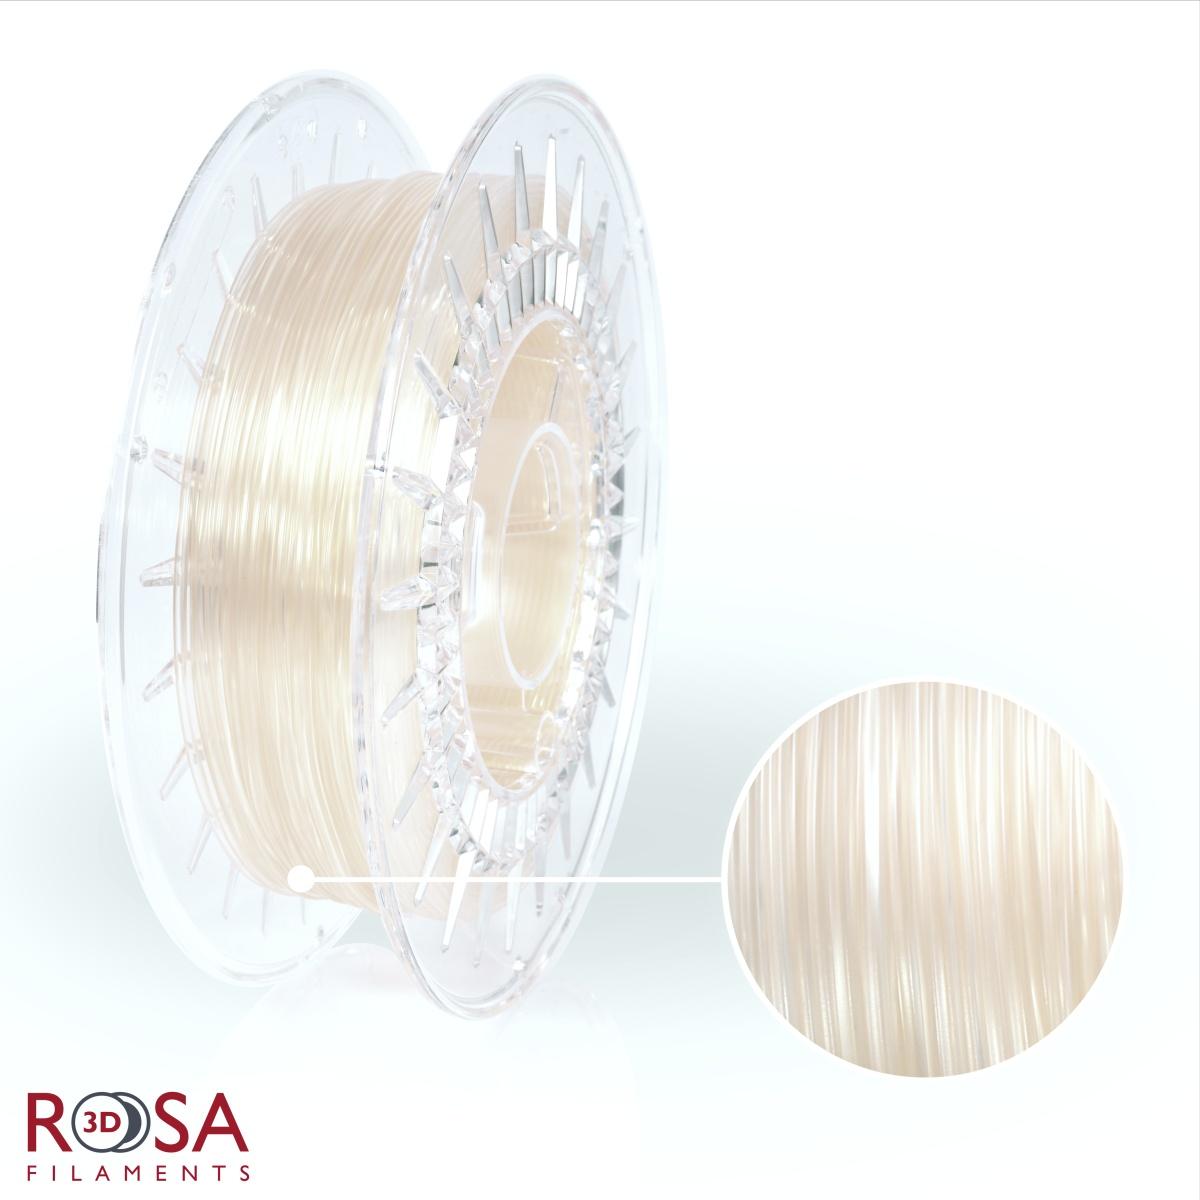 szpula filamentu PVB o wadze 0,5 kg produkcji ROSA3D